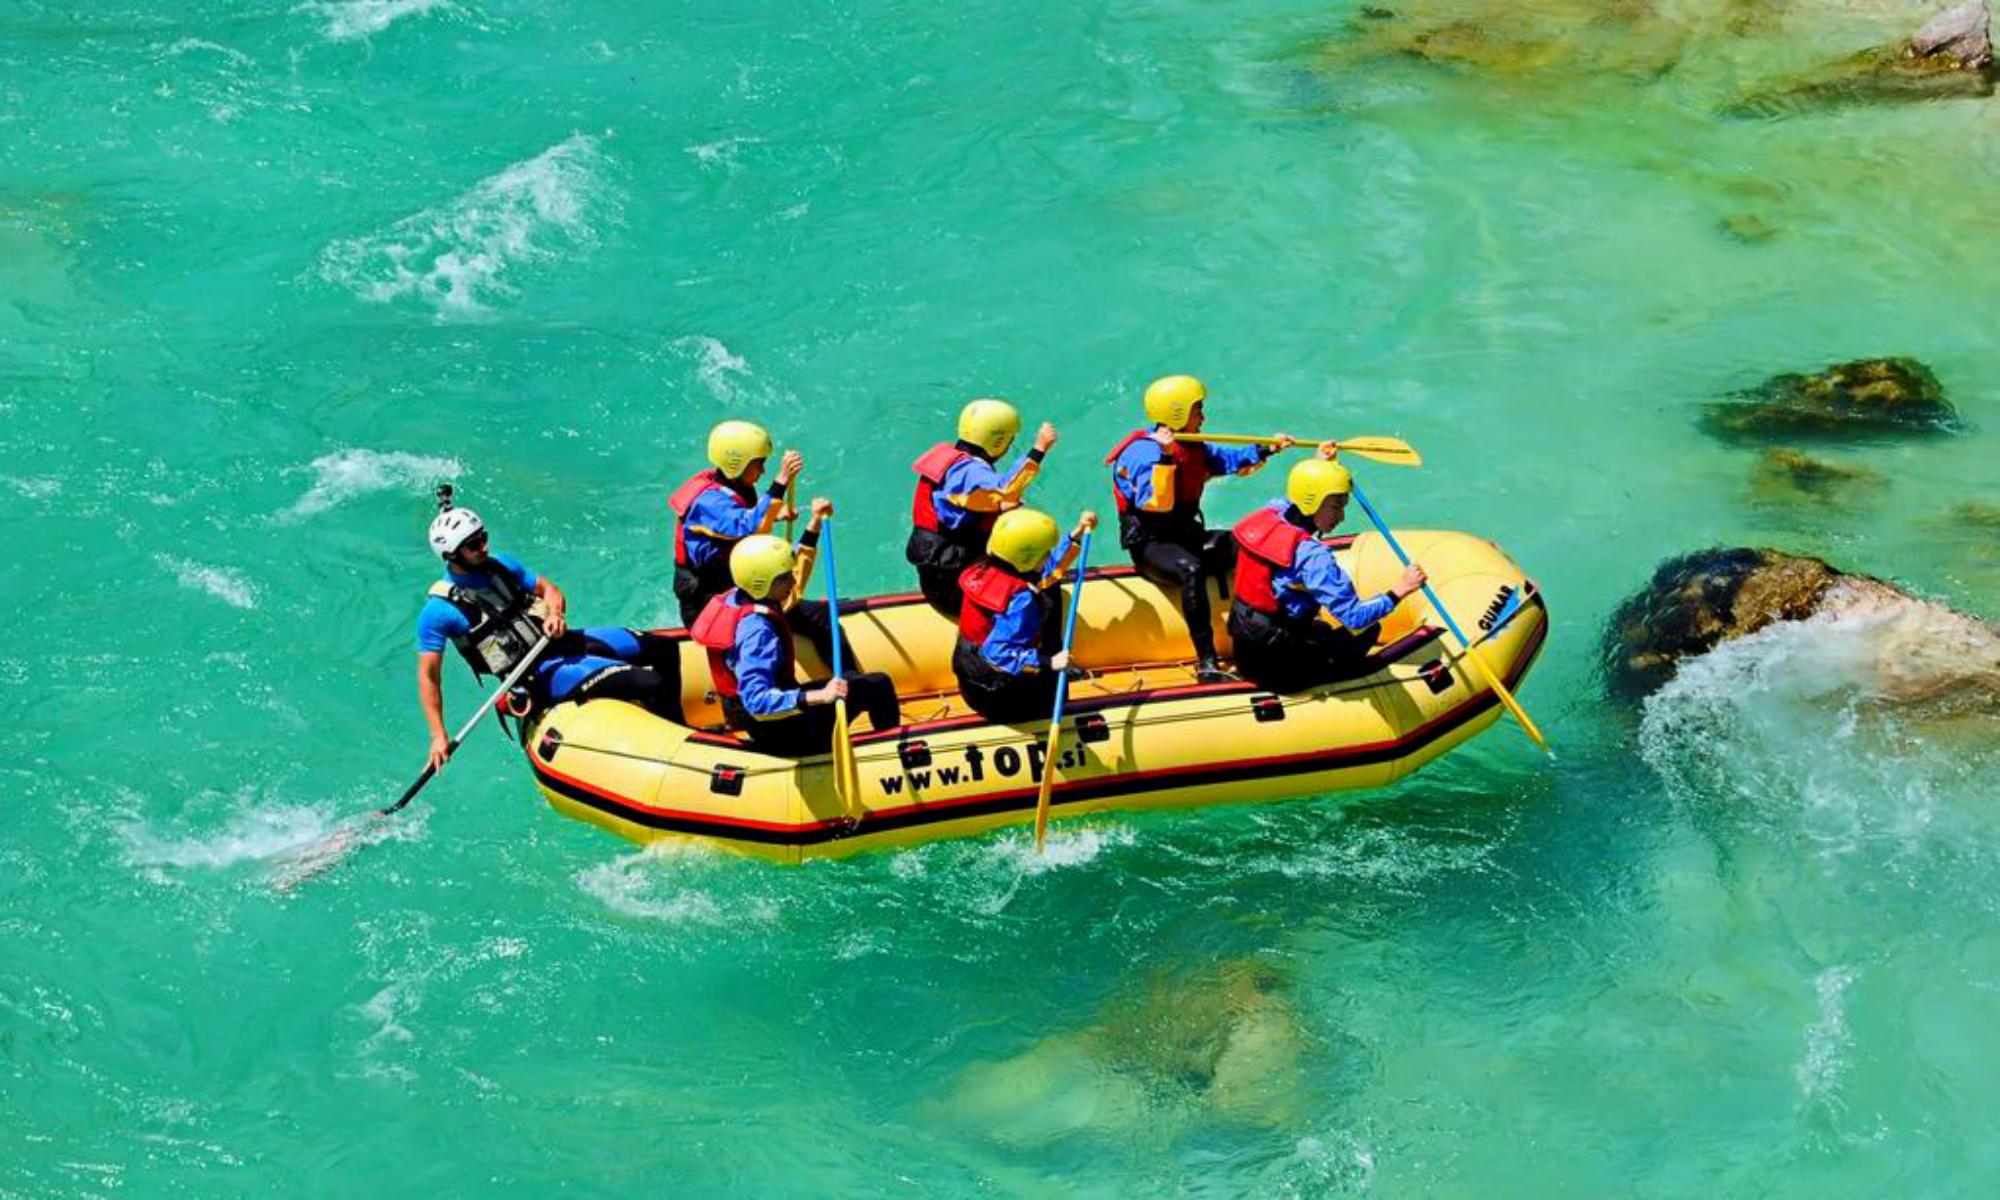 Un gruppo sta facendo rafting sull'Isonzo. La colorazione dell'acqua è di un verde intenso.